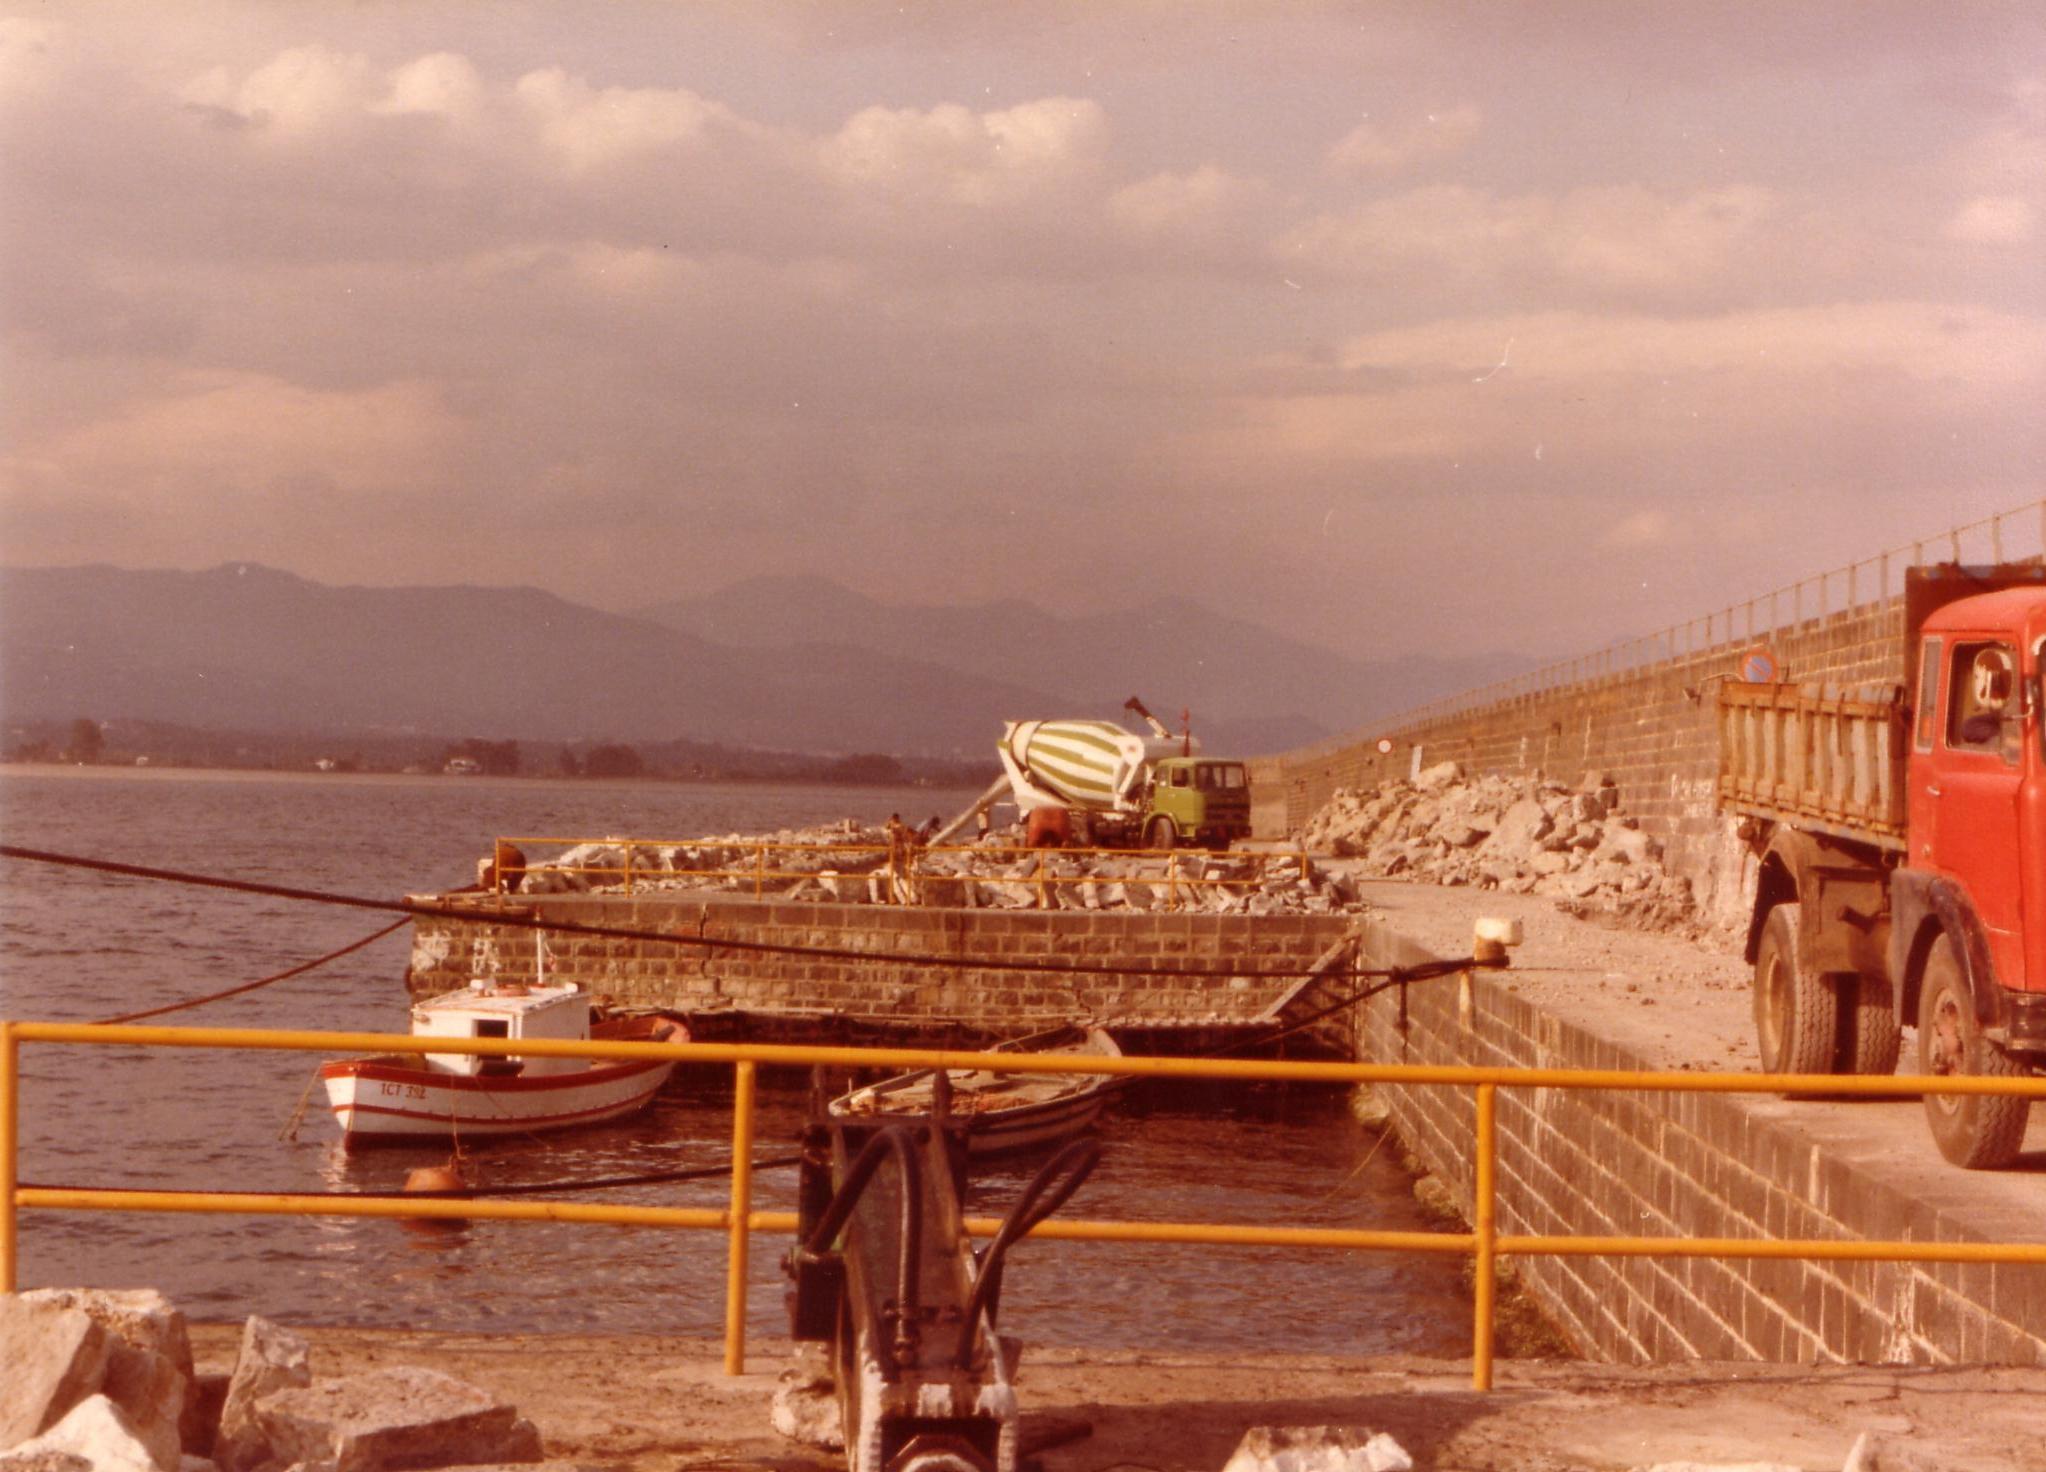 Ufficio del Genio Civile per le Opere Marittime - Porto di Riposto (CT), 1981